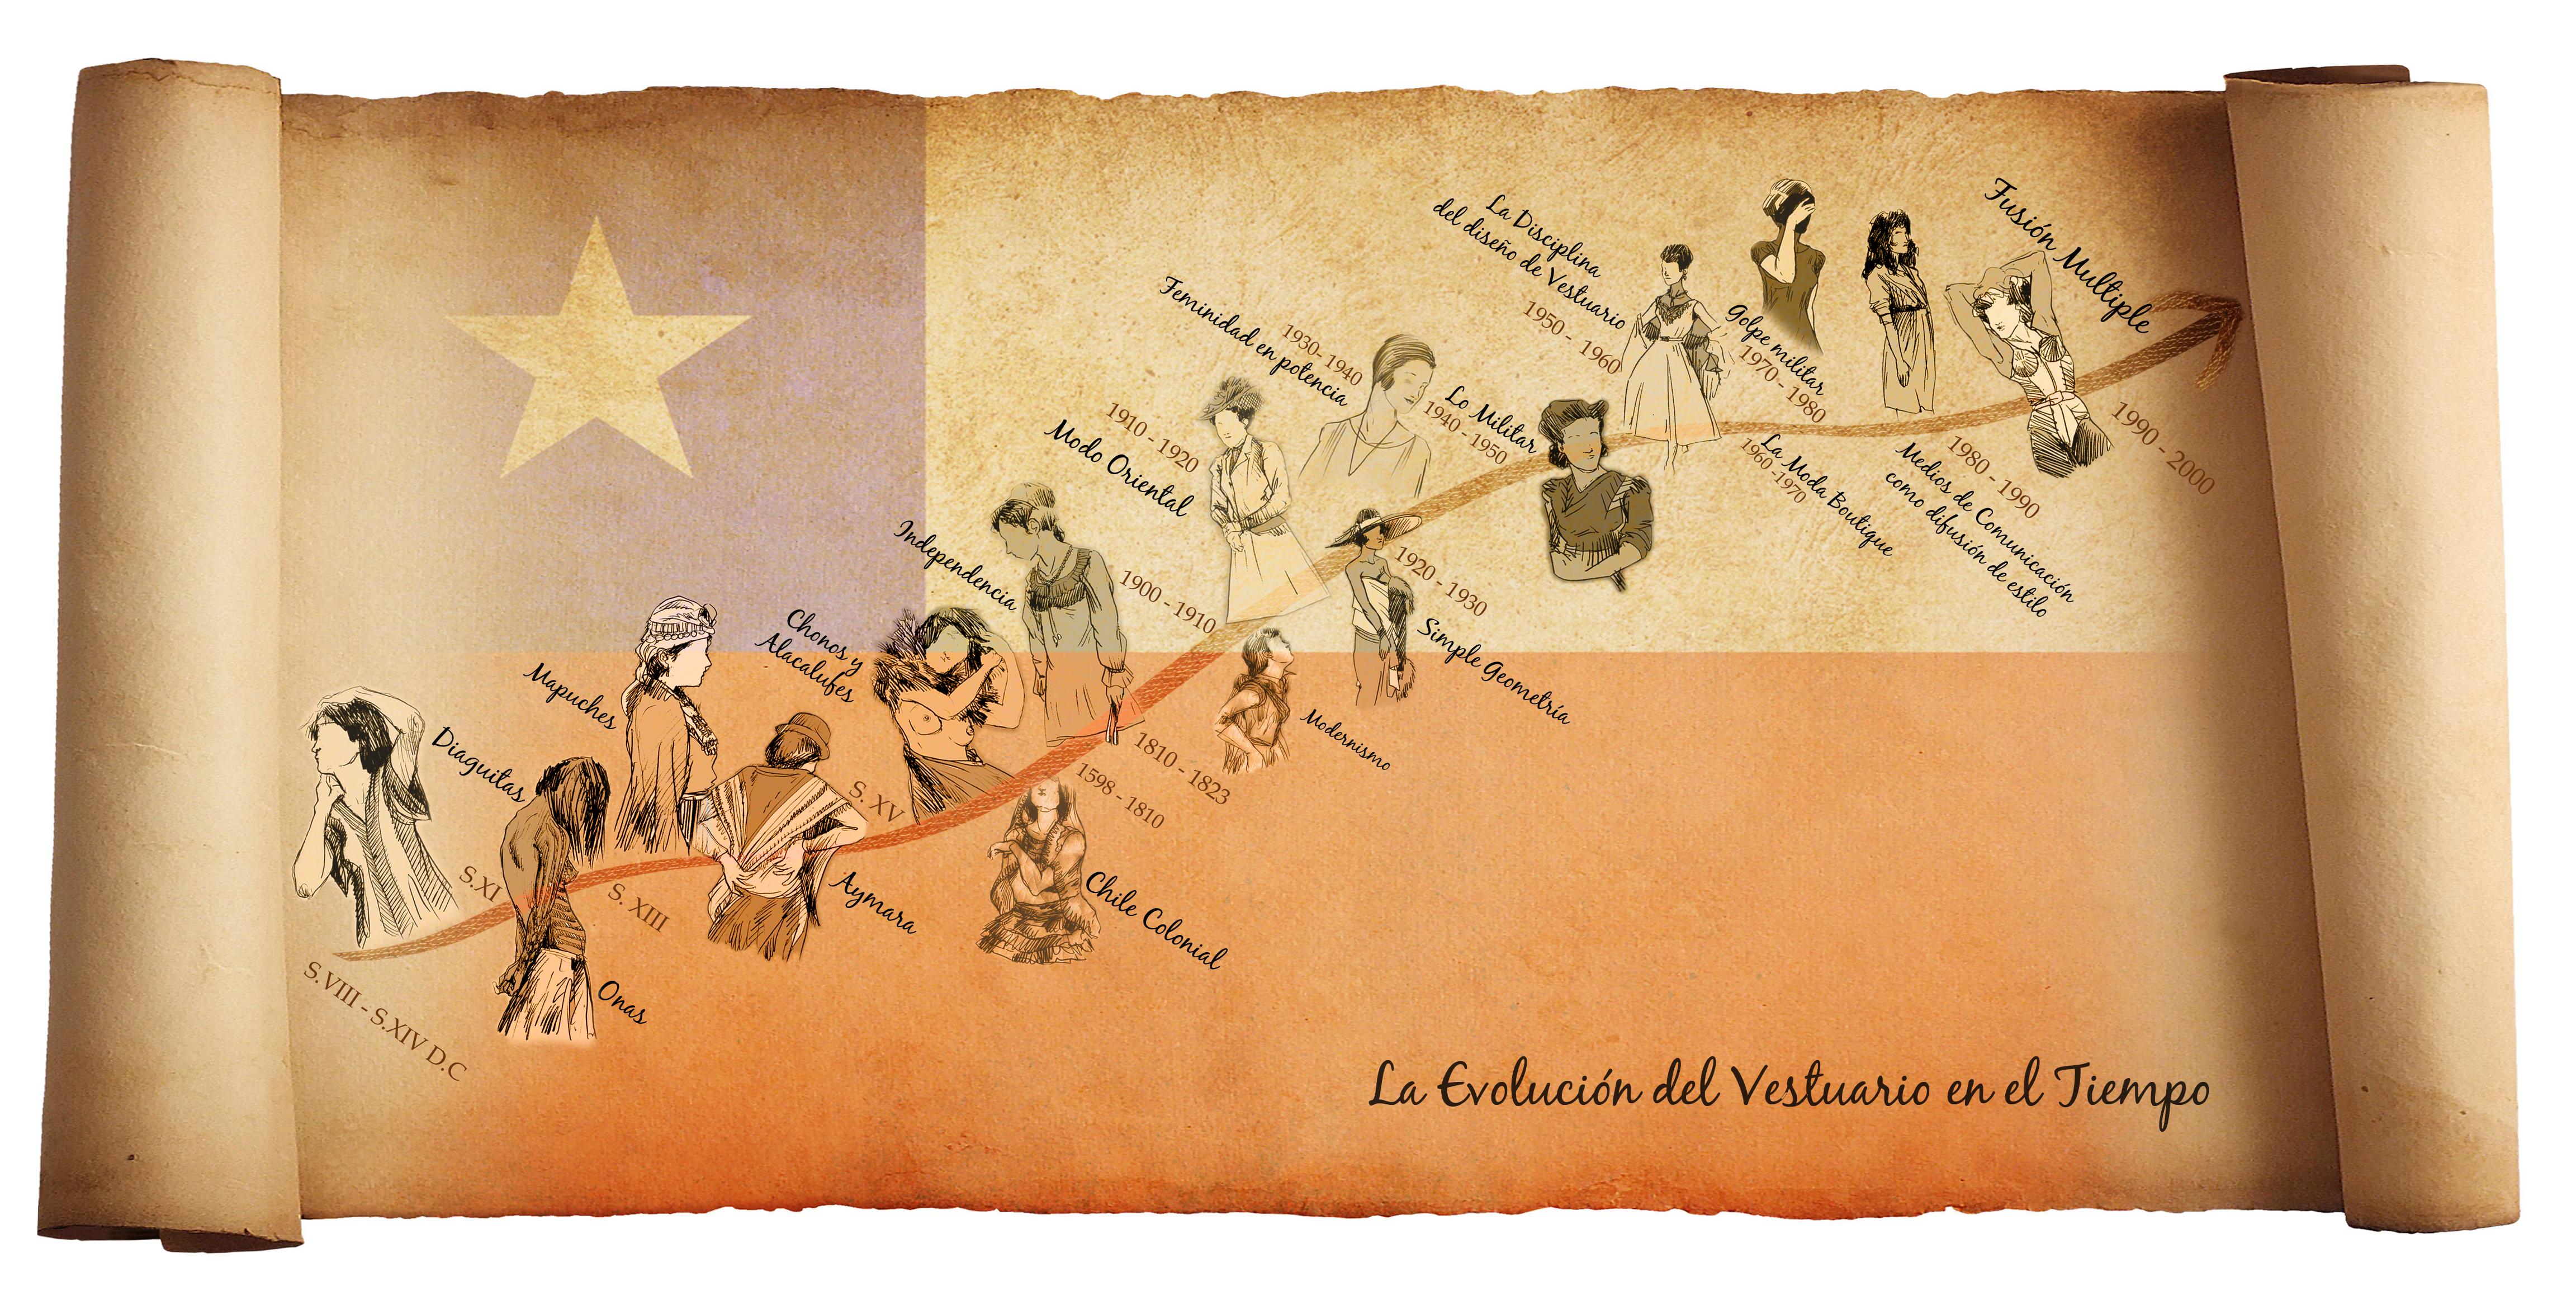 Historia del Vestuario Chileno: 3° Parte